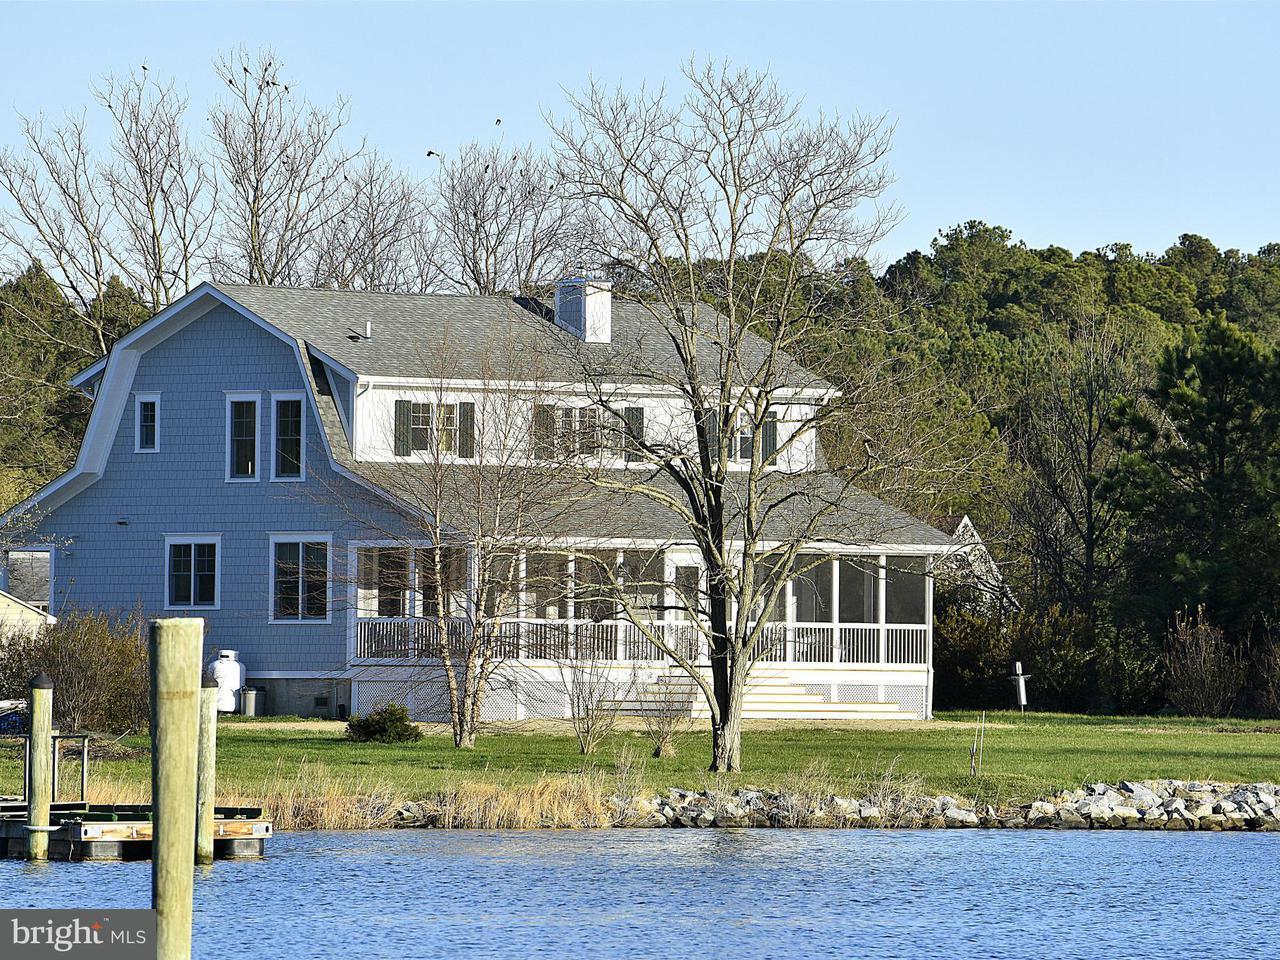 Casa Unifamiliar por un Venta en 22610 ANNA MAY Drive 22610 ANNA MAY Drive Wittman, Maryland 21676 Estados Unidos